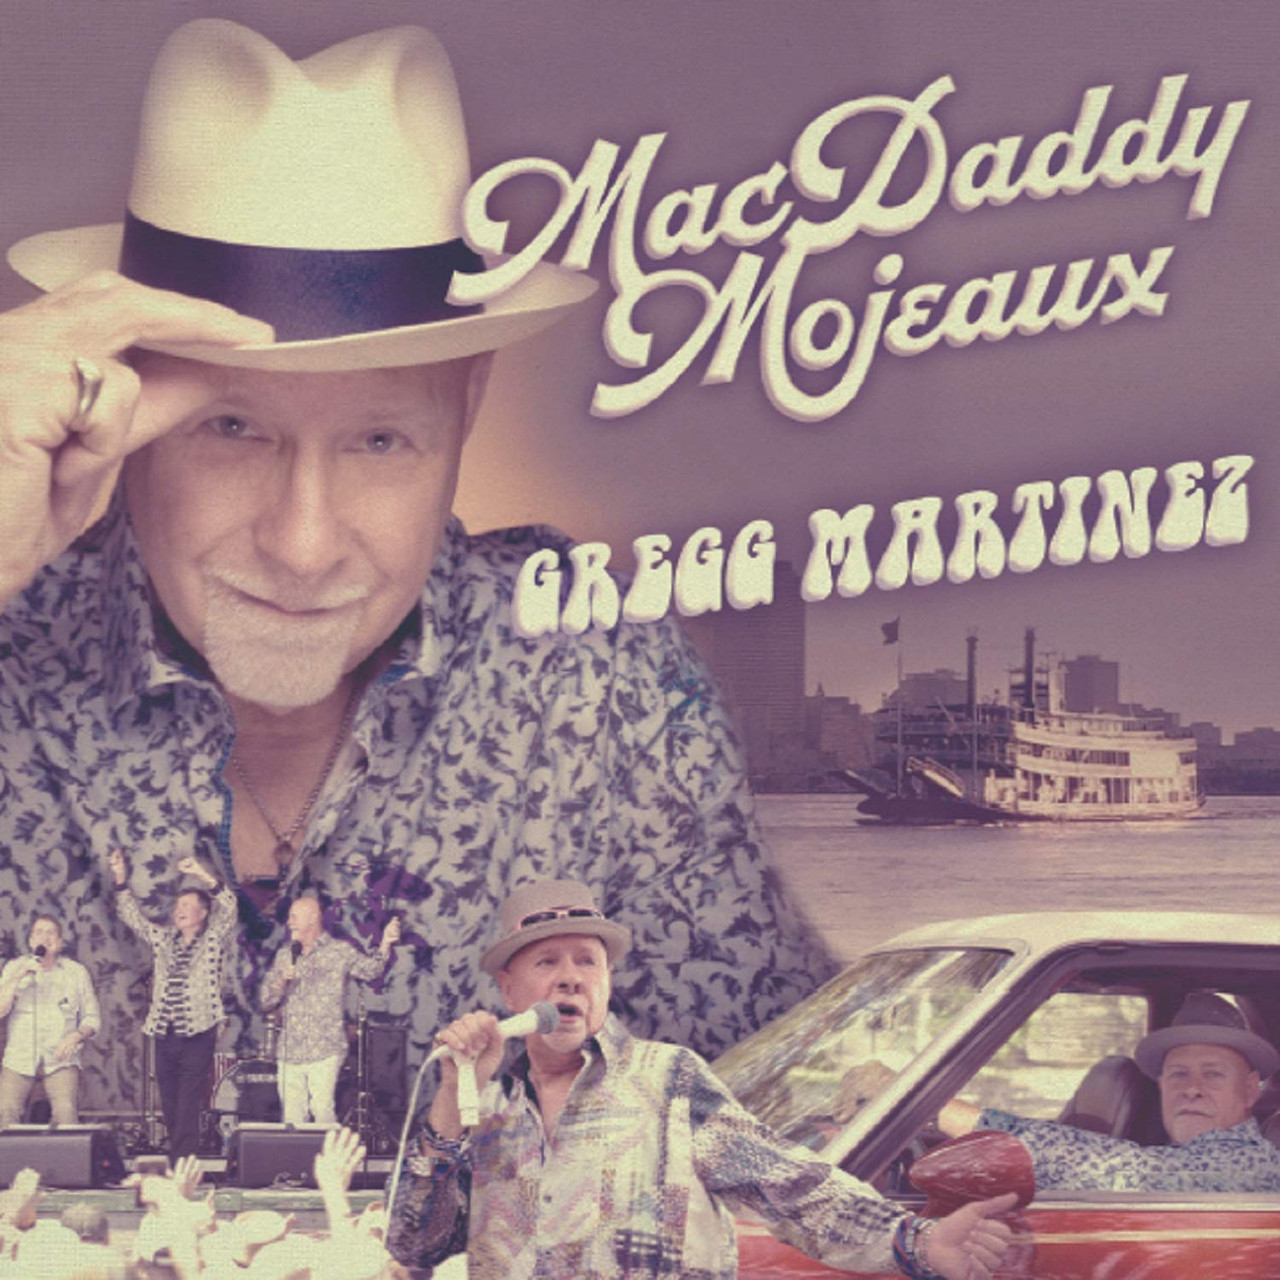 GREGG MARTINEZ - MAC DADDY MOJEAUX